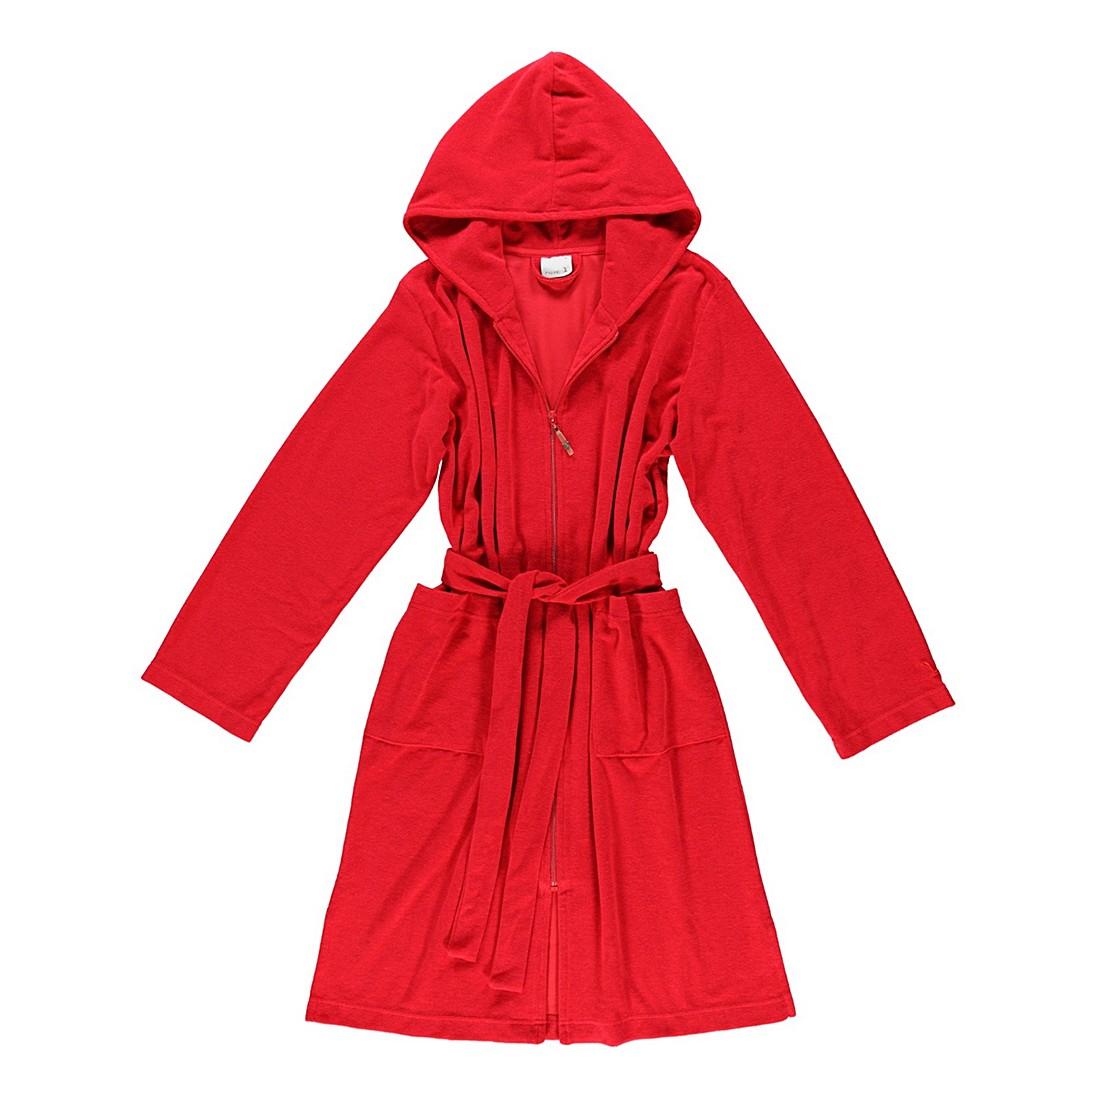 Bademantel Reißverschluss – unisex – FRottier – 80% Baumwolle – 20% Polyester ketchup – 256 – Größe: L, Möve günstig kaufen